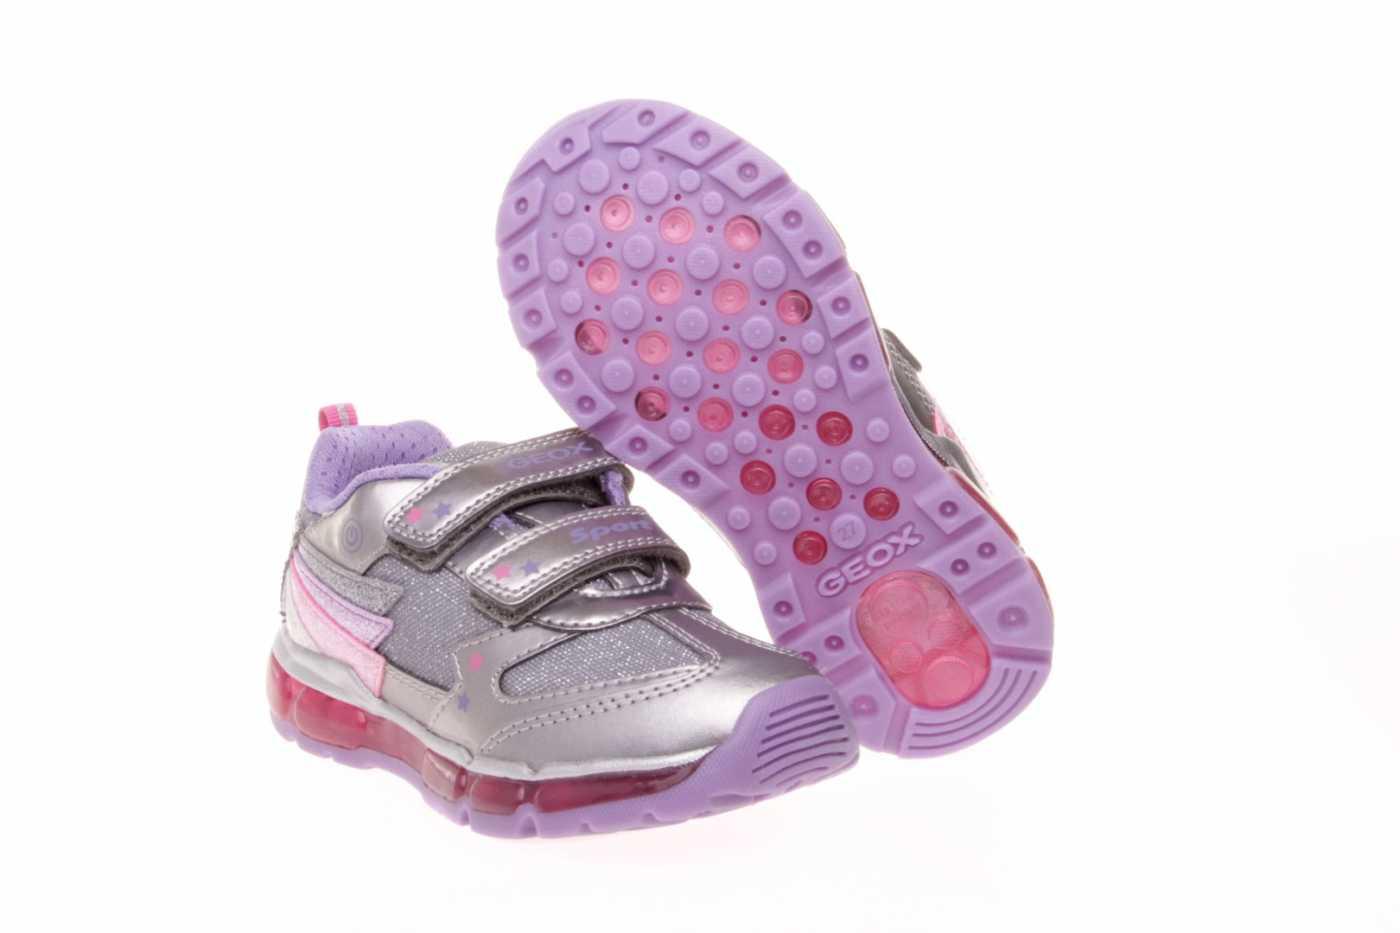 Estilo Color Gris Zapato Tipo Joven Deportivo Comprar Niña Piel AH6Ixnq